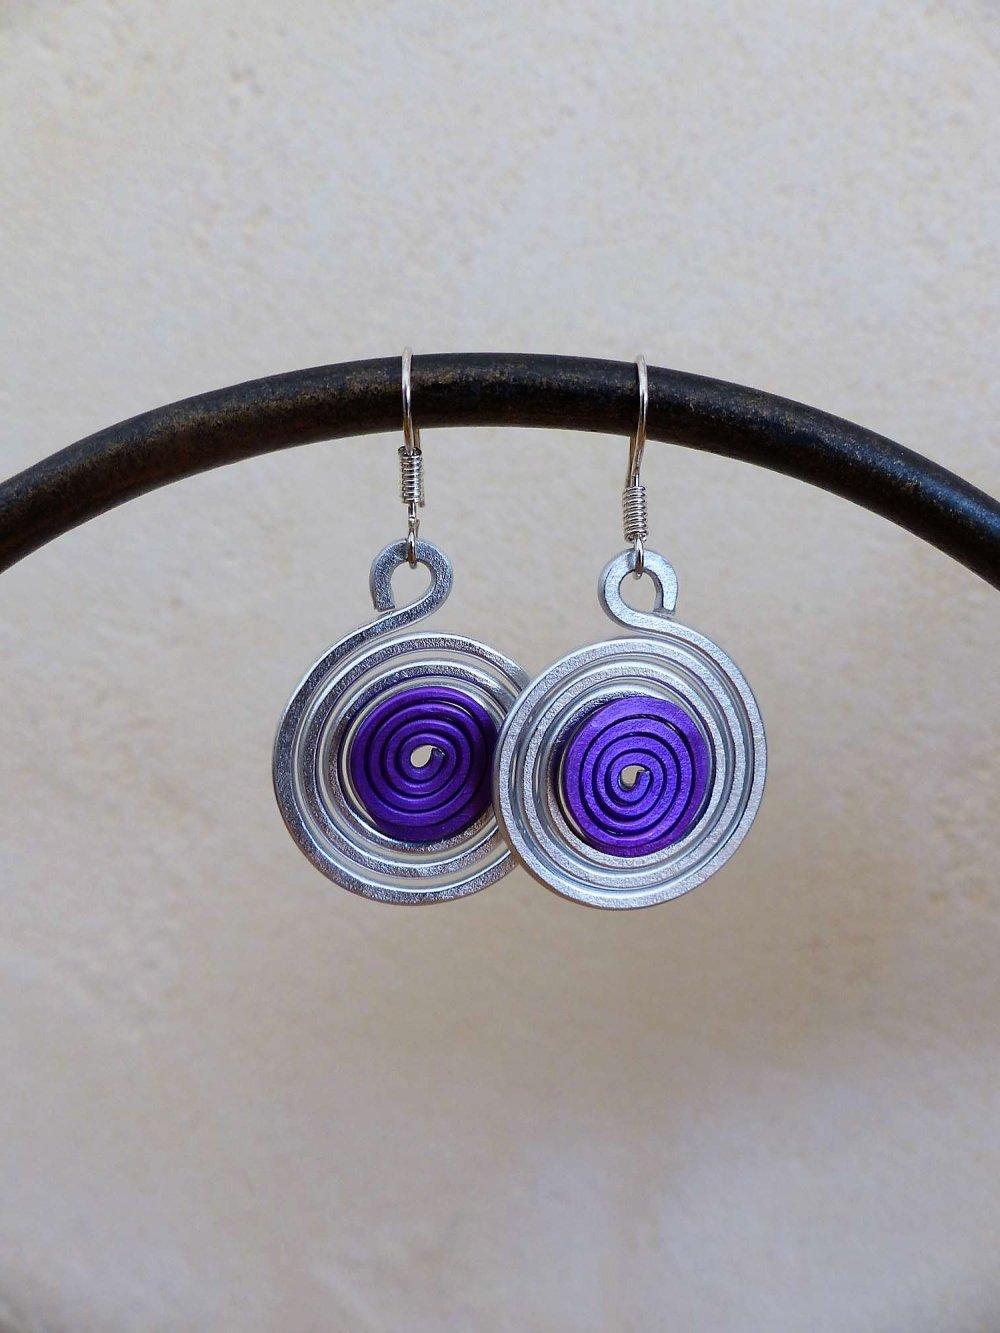 boucles d'oreilles spirales argentées-violettes